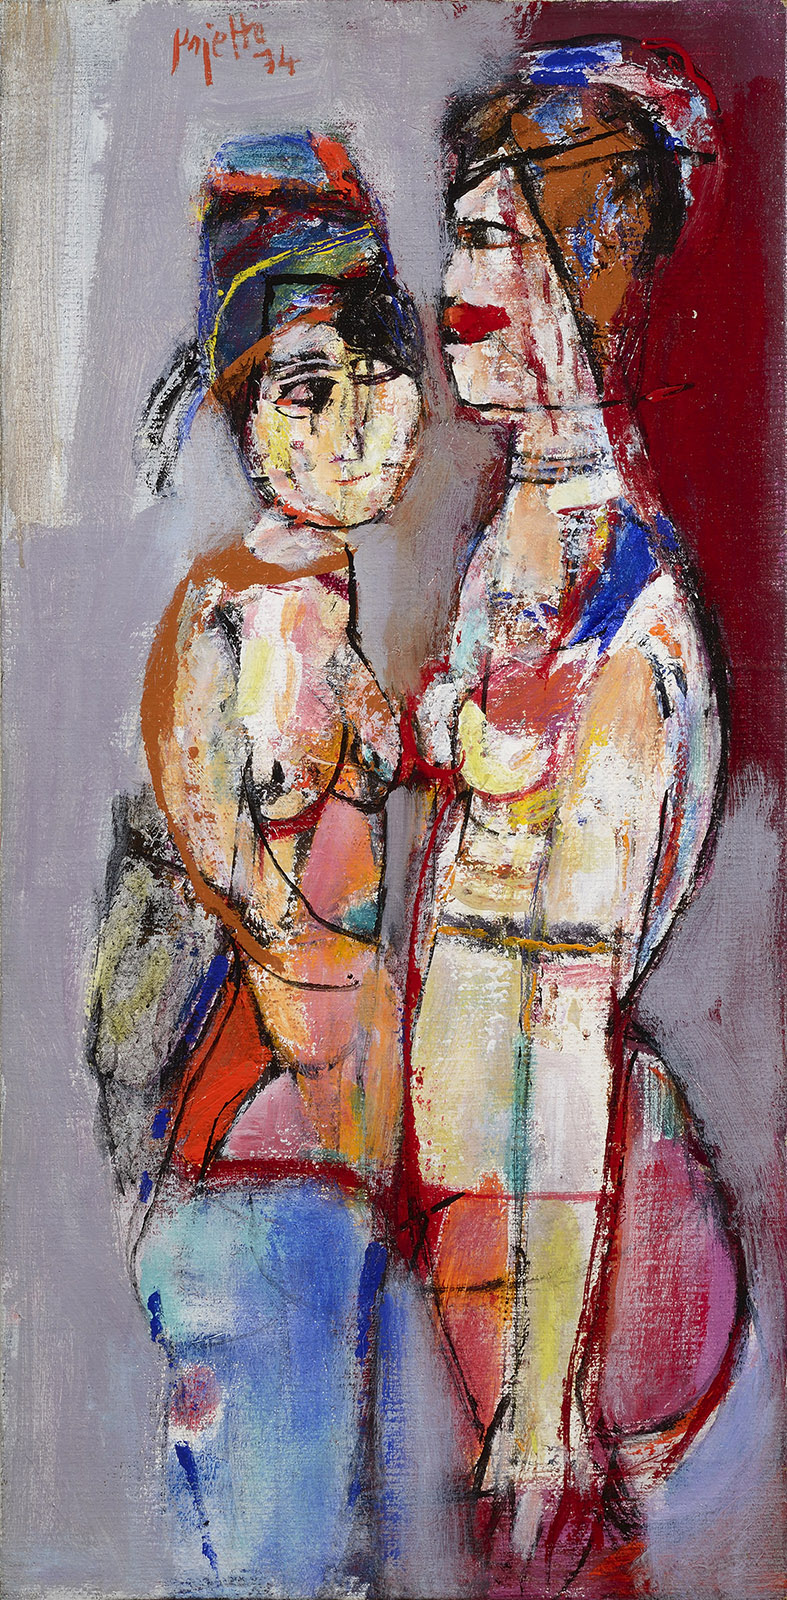 Confronto, 1974 acrilico su tela, 90 x 45 cm